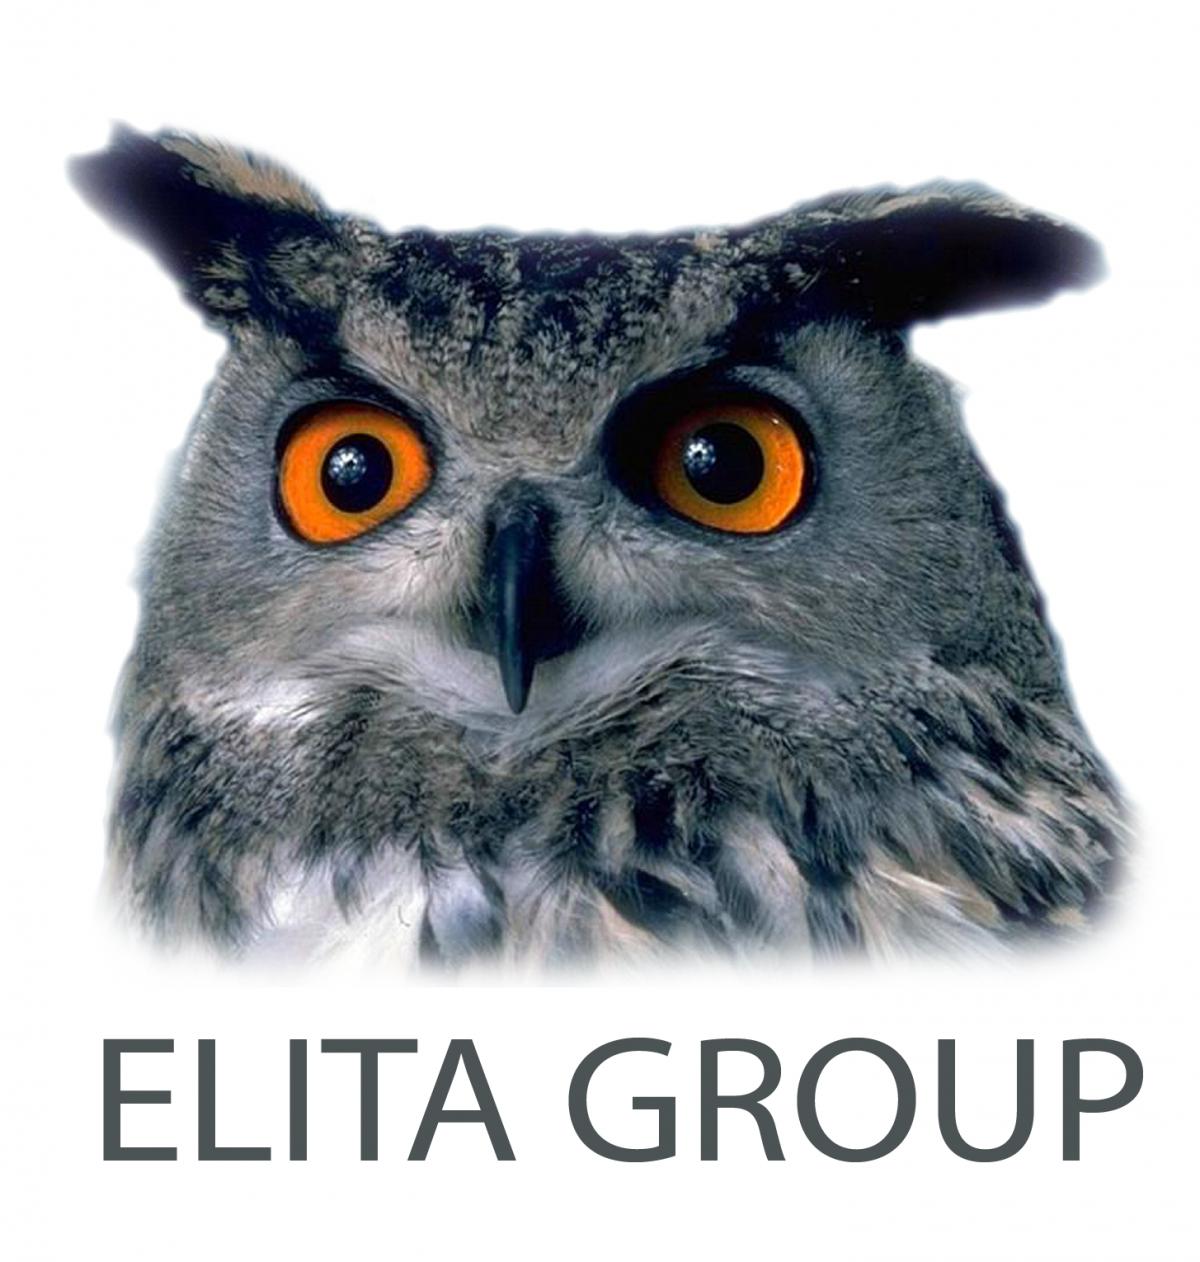 Фото: Логотип Elita Group